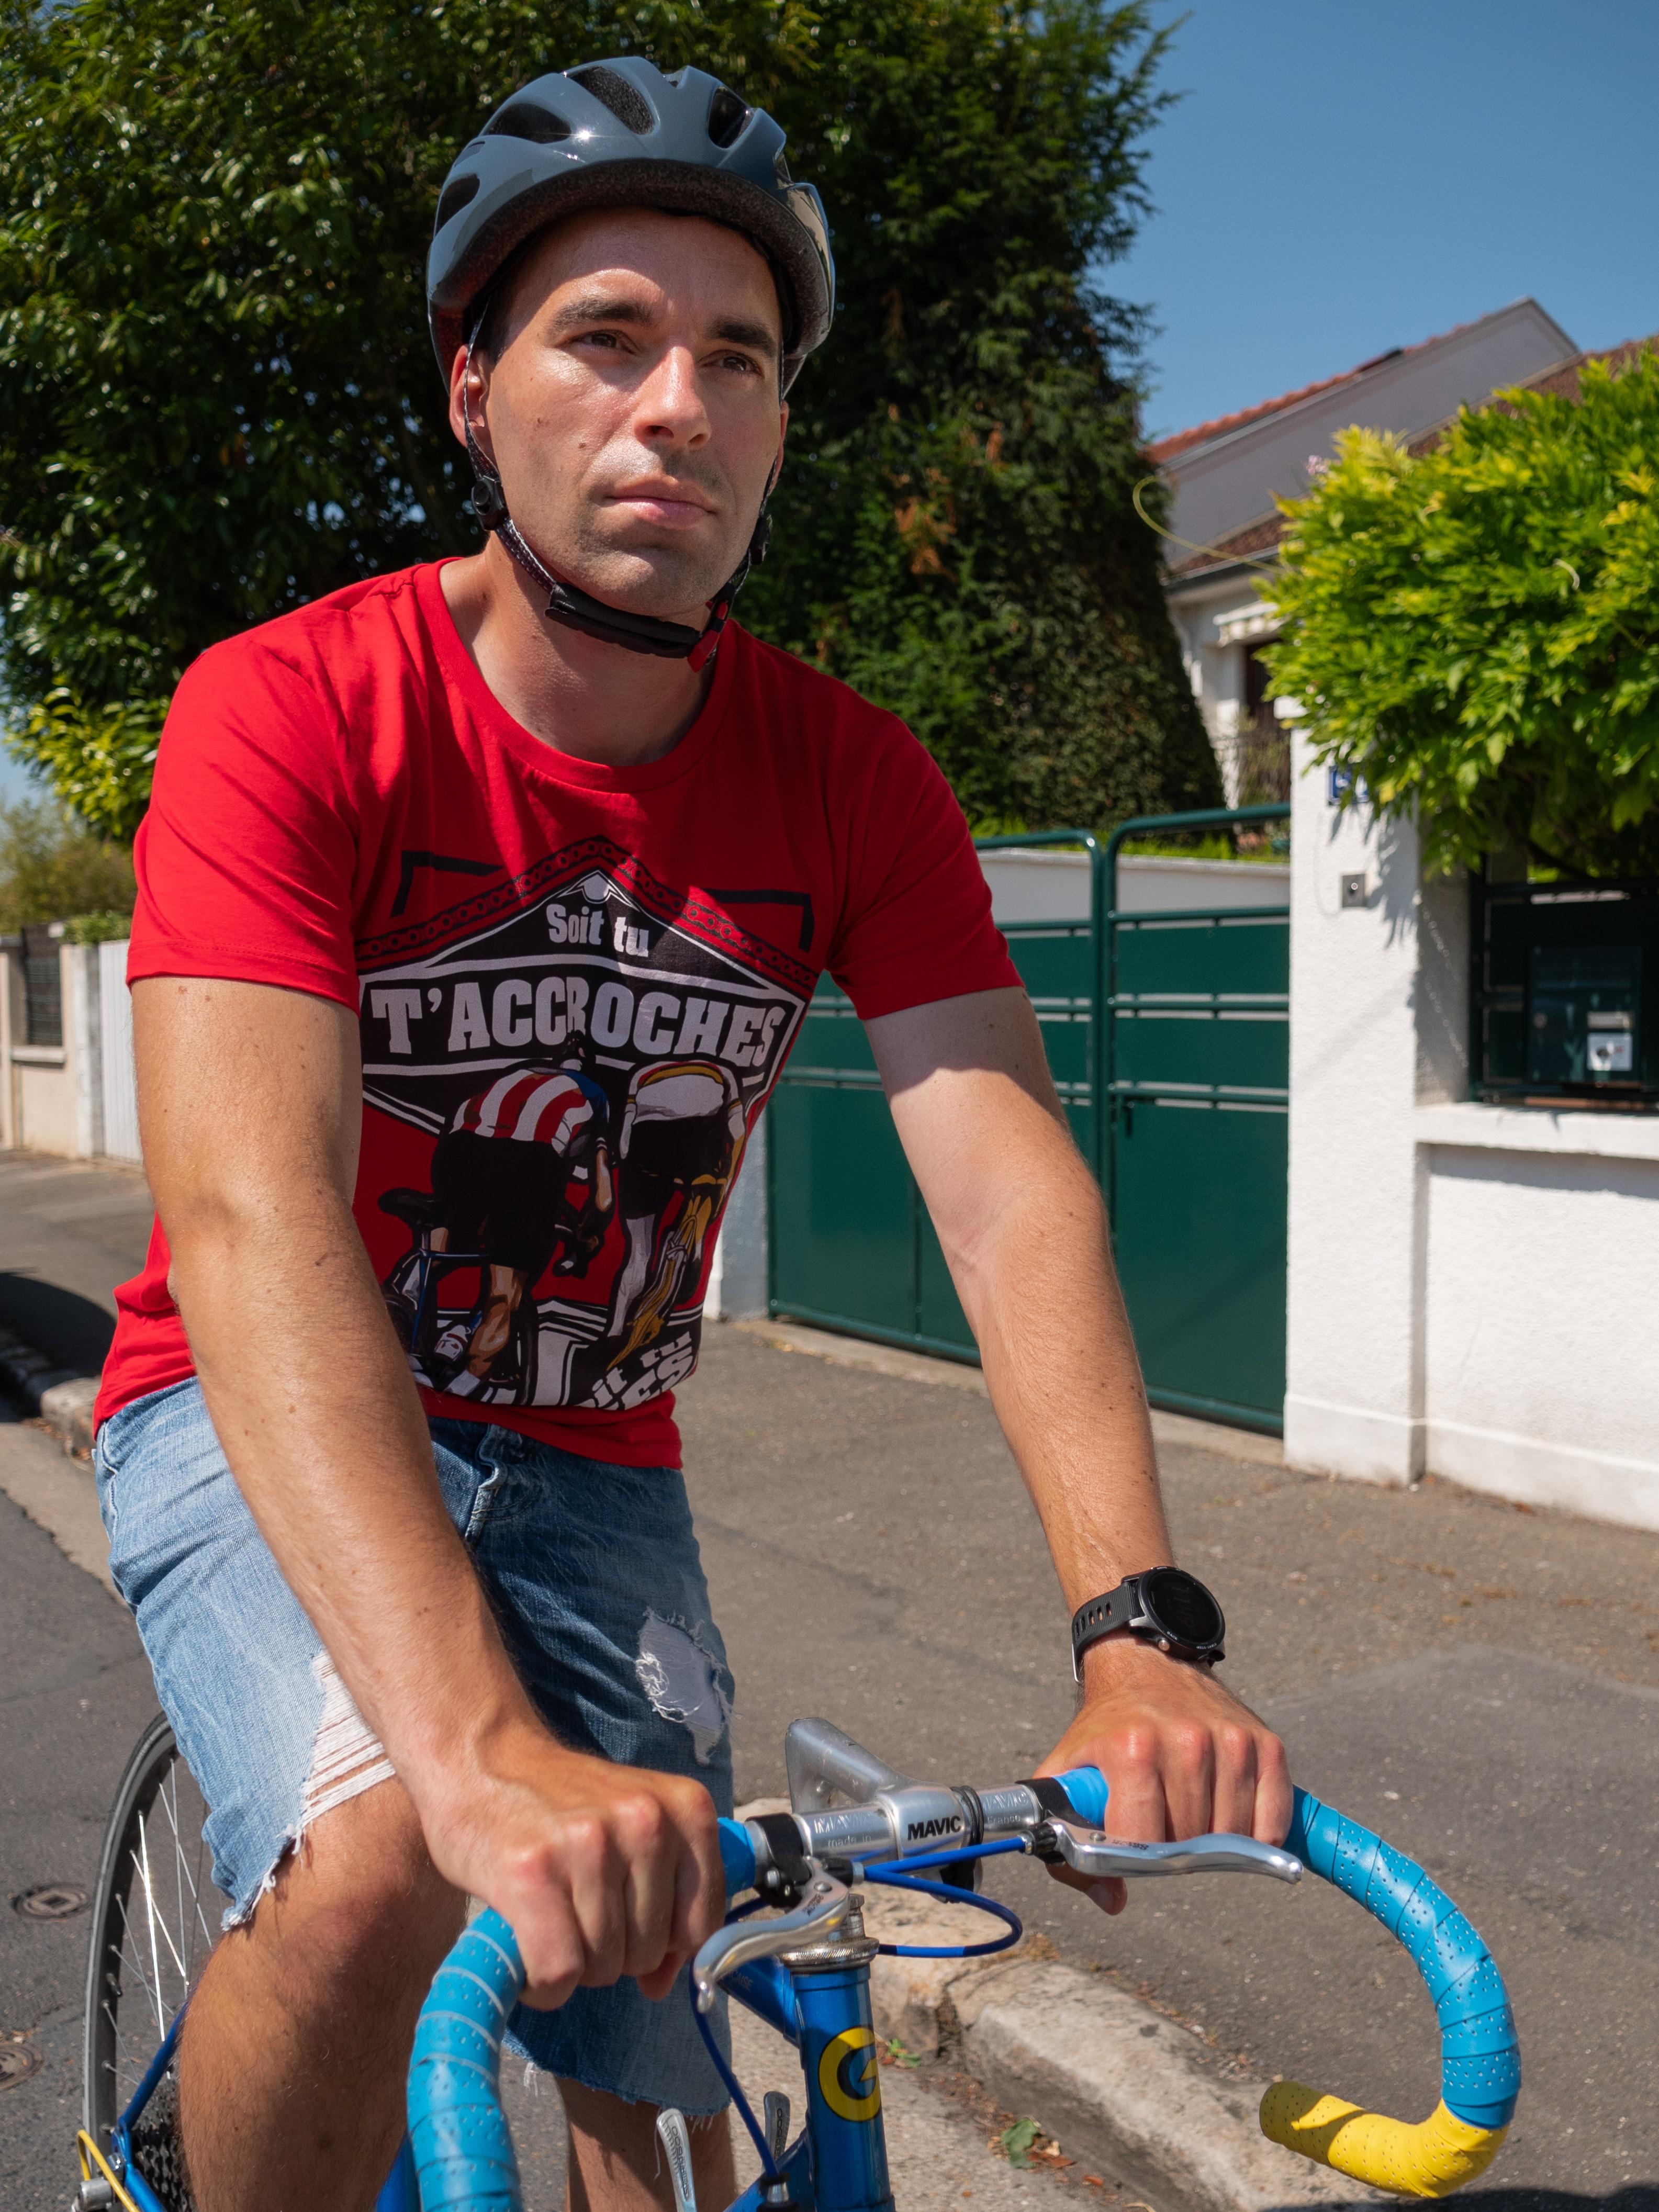 Un cycliste avec un vélo de route dans une montée